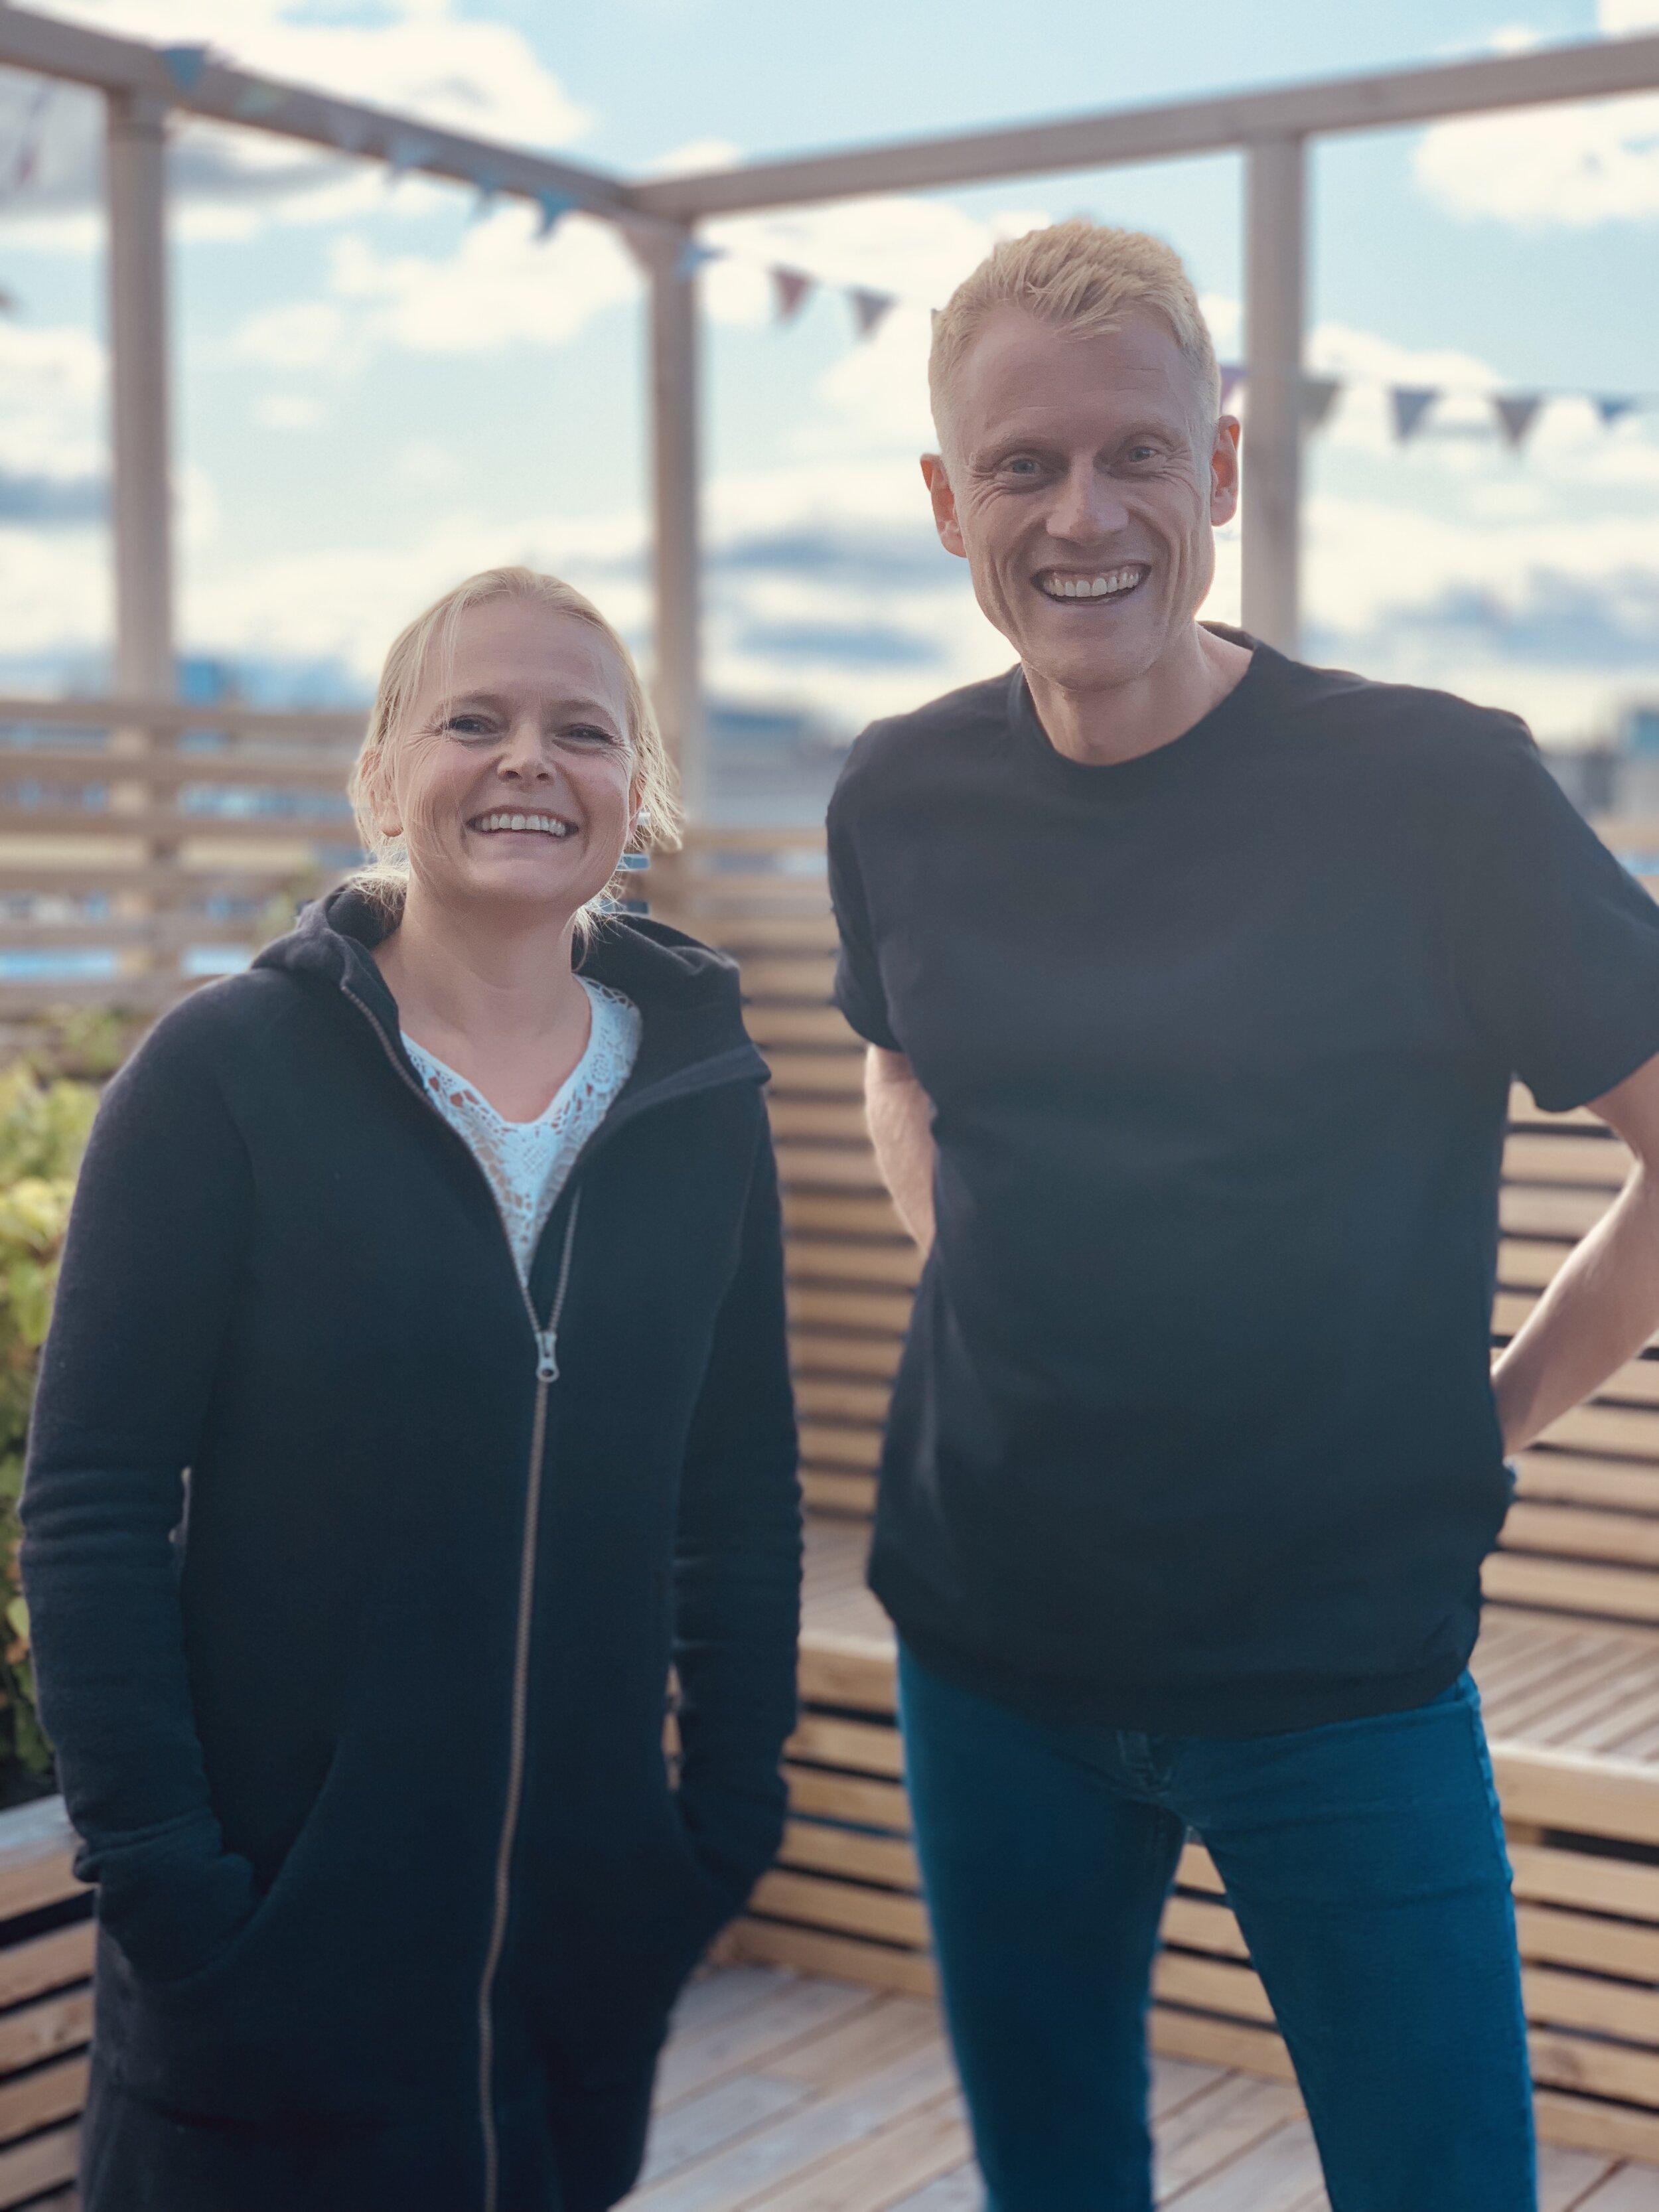 Trine Hvamb og Kristian David Elgen tror Goodify er løsningen - også for mennesker som føler de egentlig ikke har tid til gode gjerninger i hverdagen!